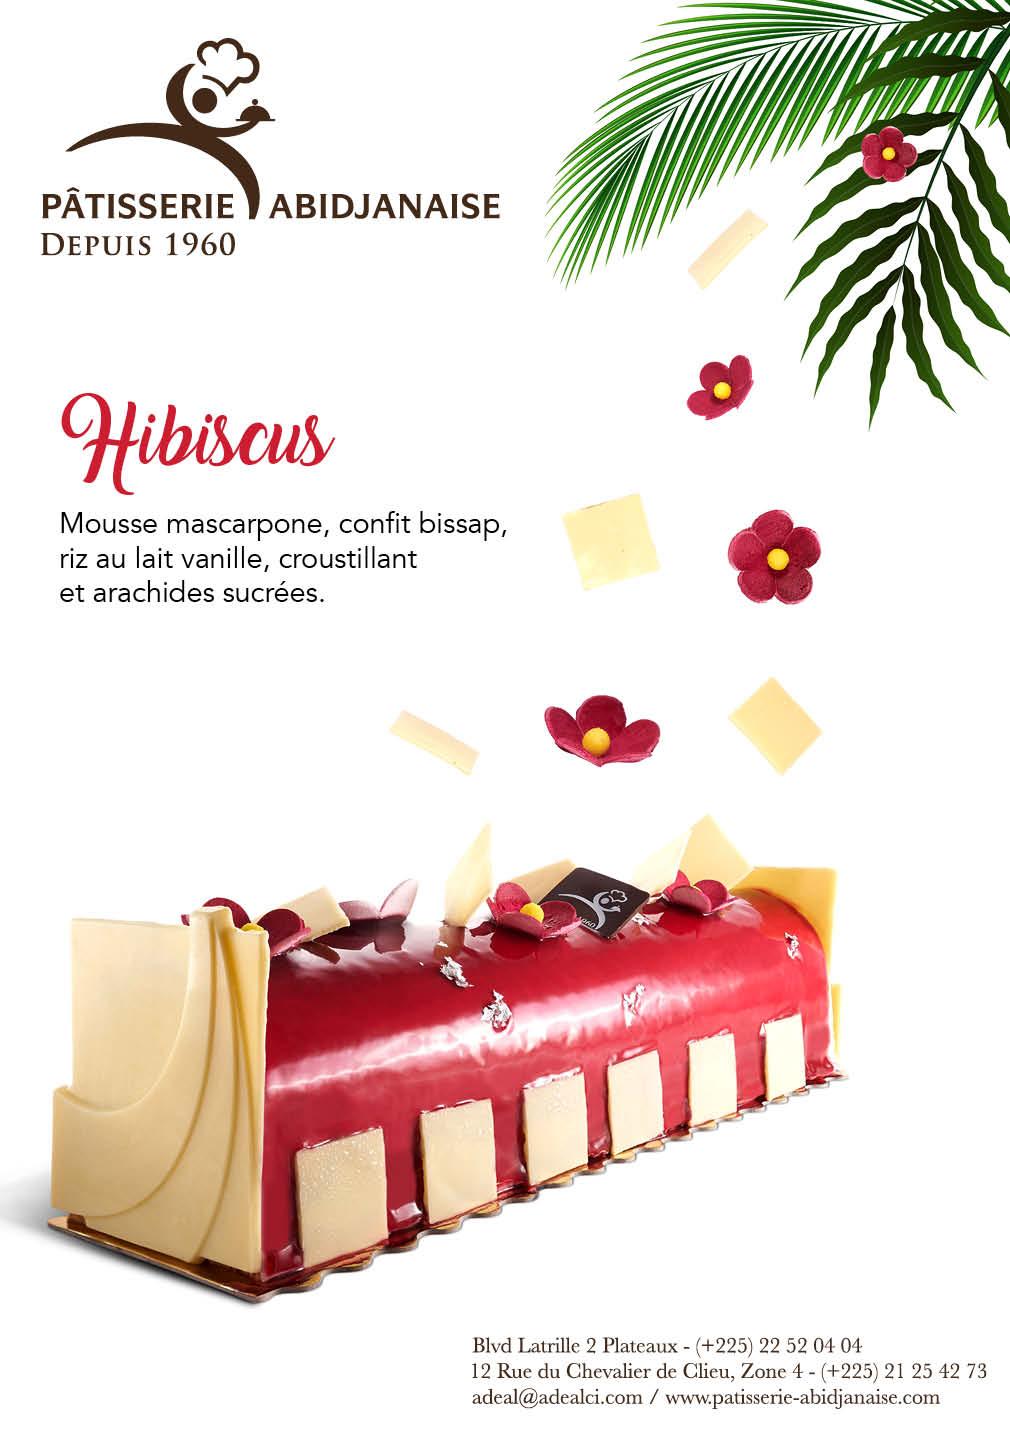 Idées gourmandes fêtes de fin d'année sur Abidjan : Quelles bûches choisir ?, serialfoodie, bûches de noel, abidjan, cote d'ivoire